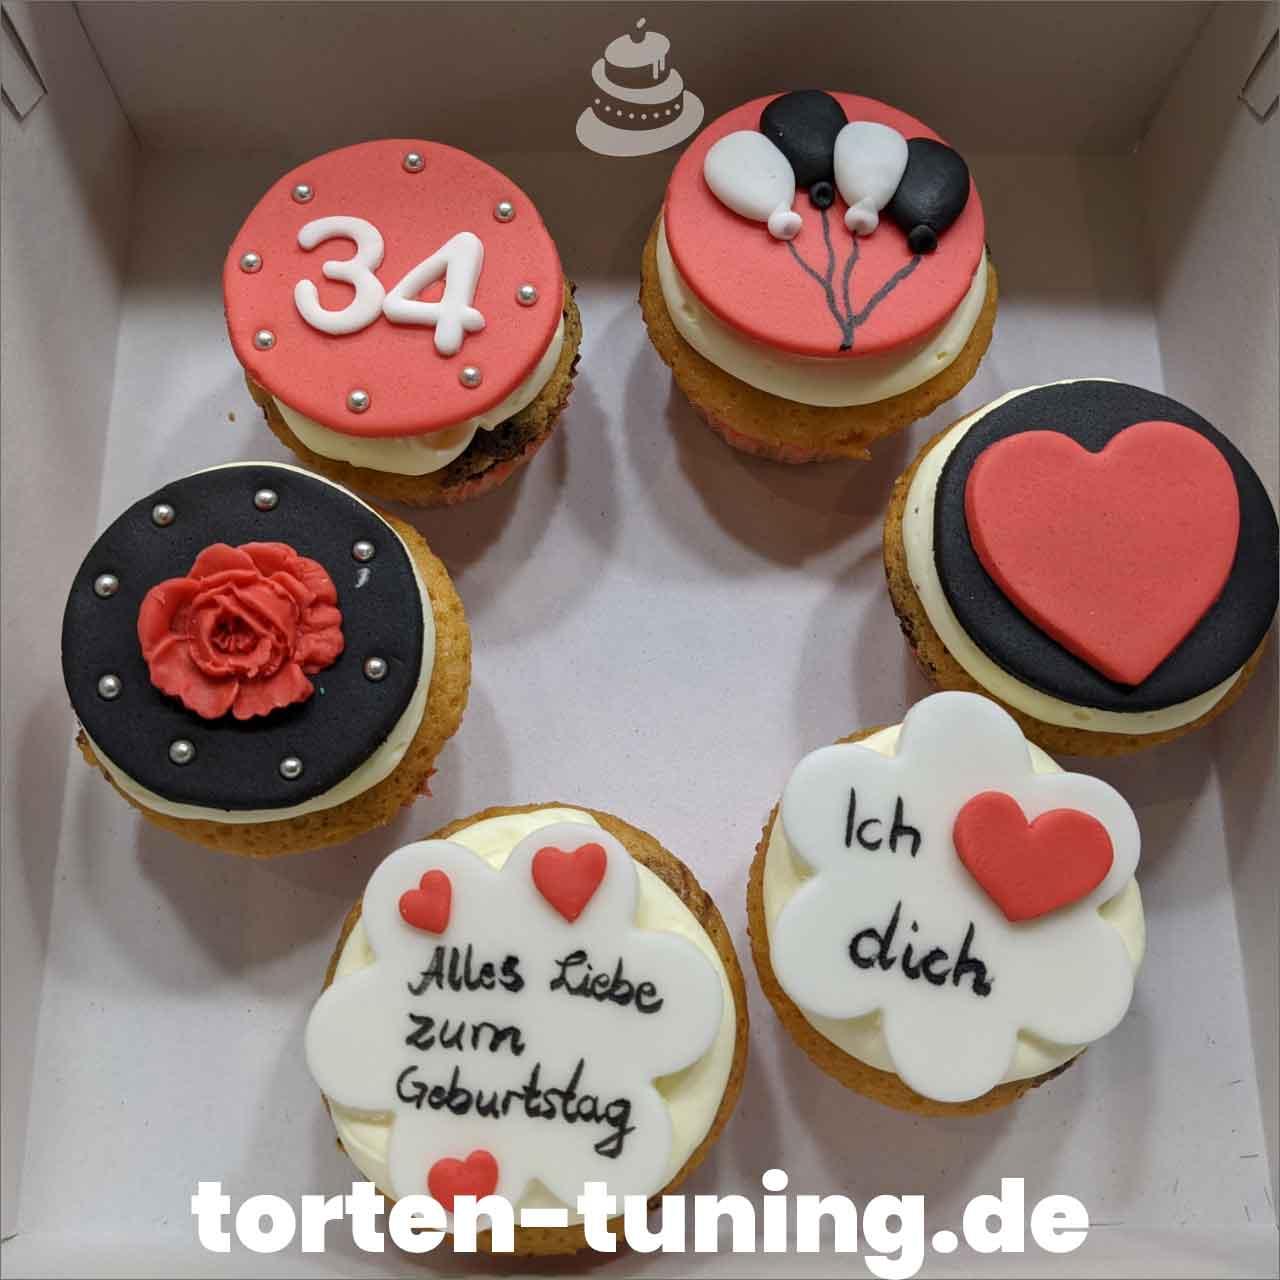 Cupcakes Torten Tuning Tortendekoration Geburtstagstorten Suhl Thüringen Backzubehörshop online bestellen Jugendweihe modellierte Figur